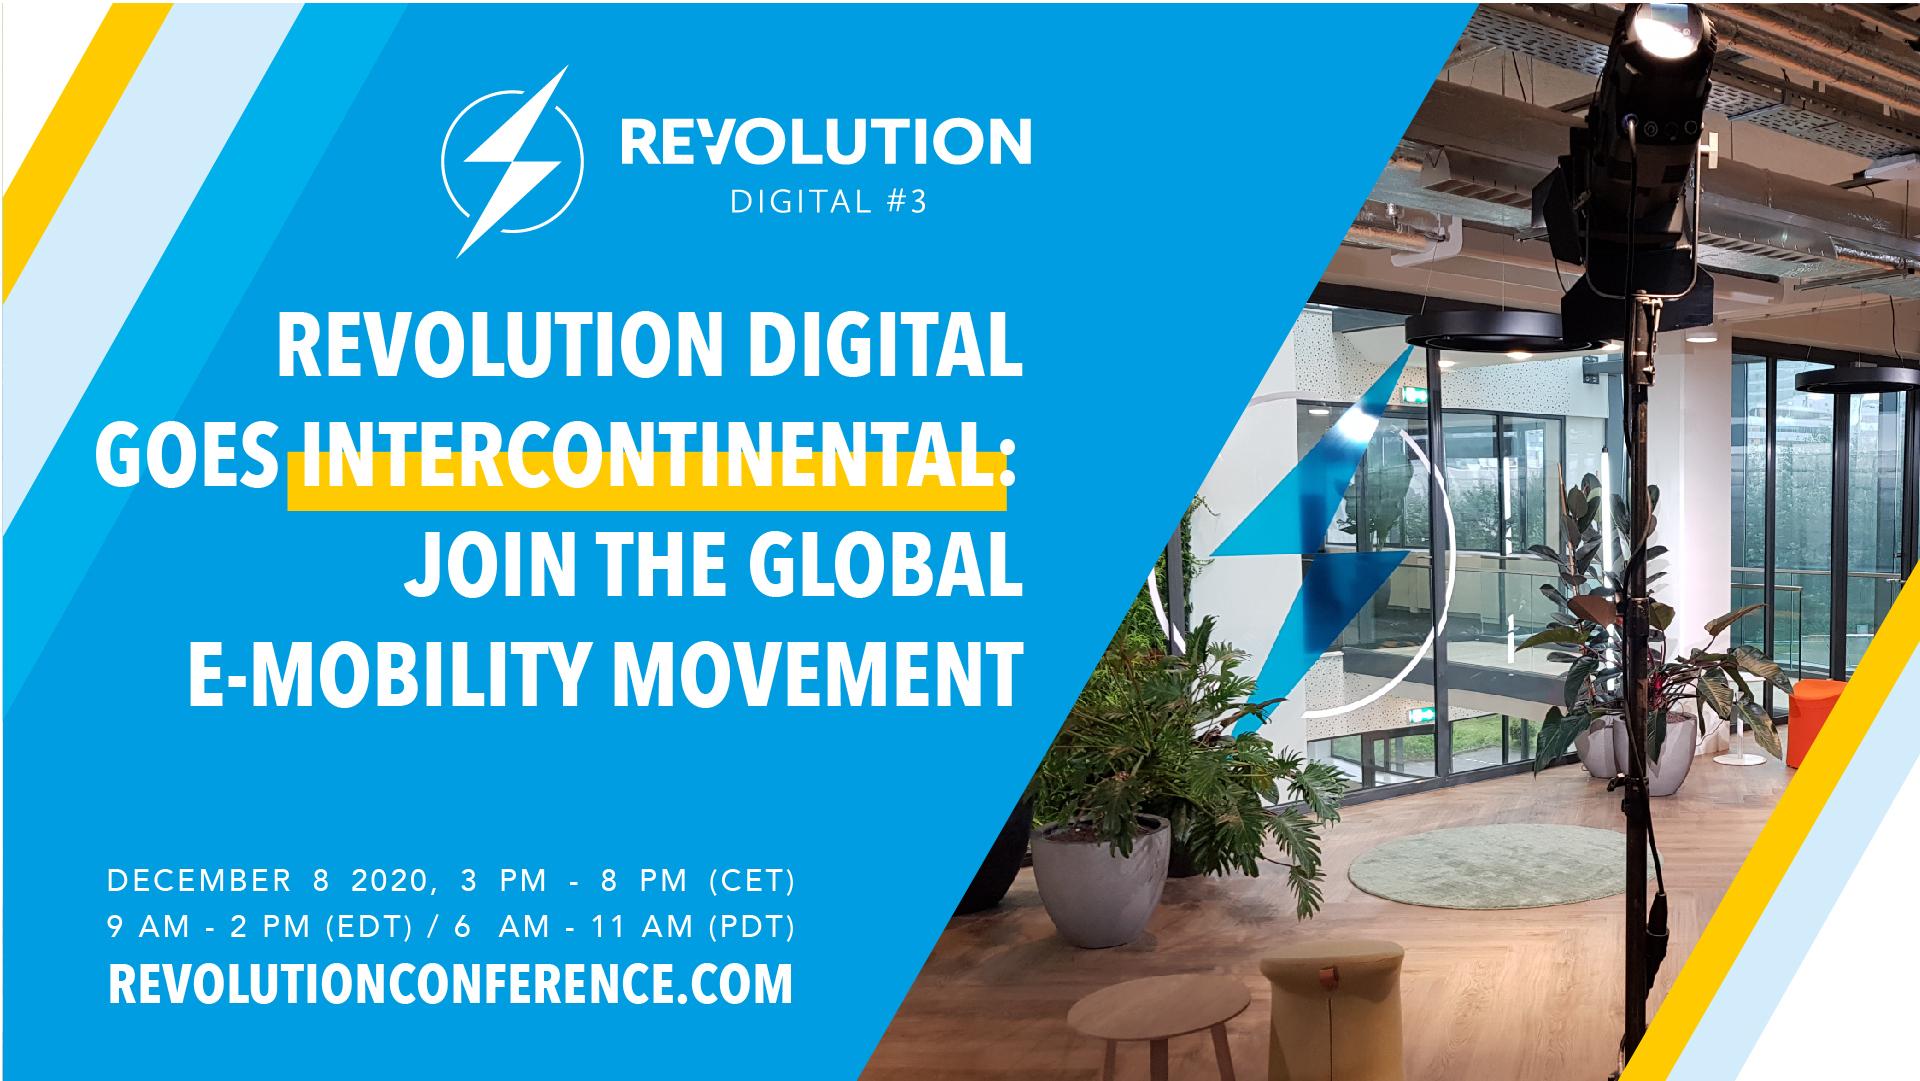 REVOLUTION Digital #3